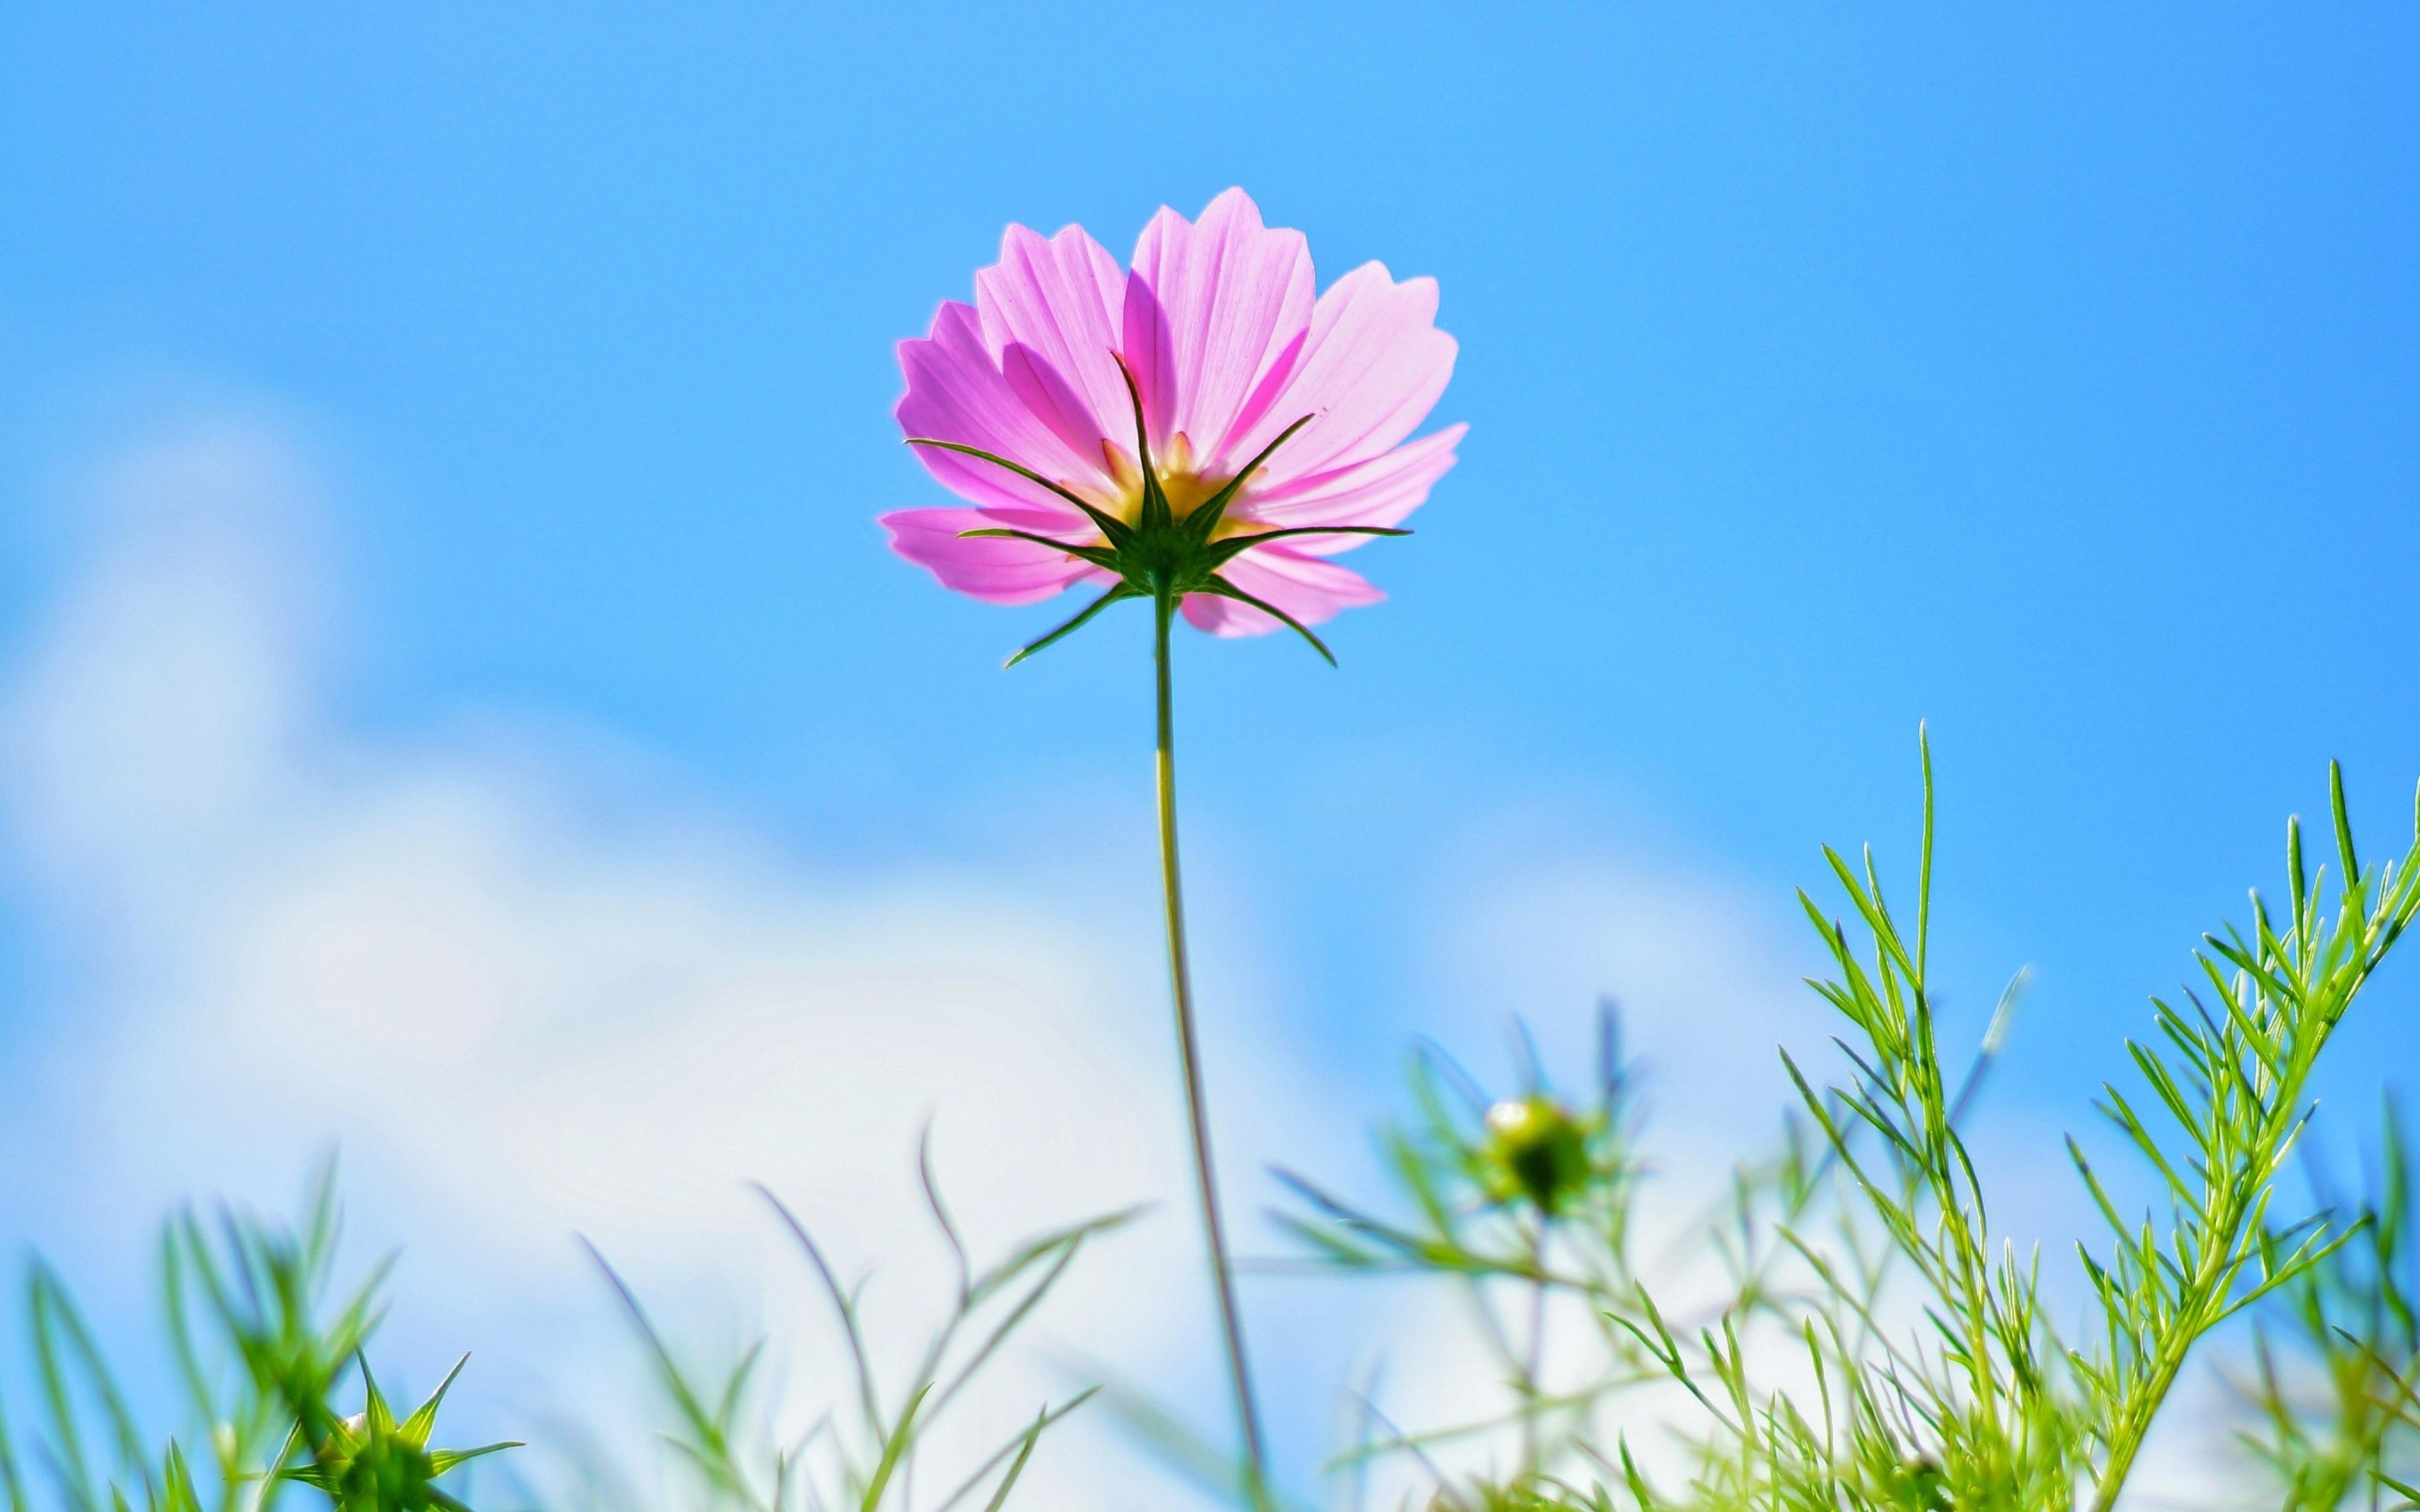 Hình nền thiên nhiên mùa xuân đơn giản